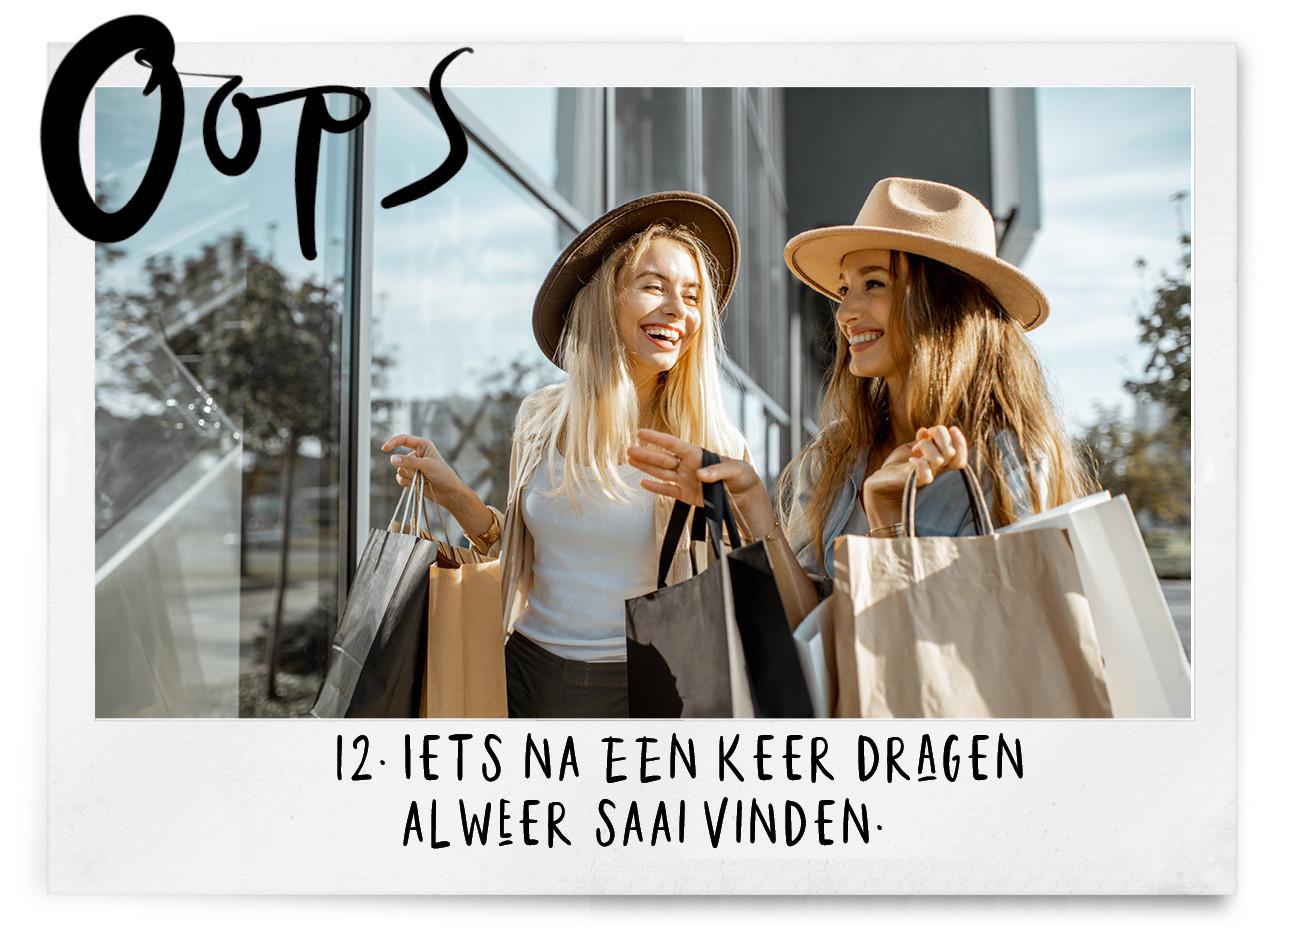 2 meiden die aan het shoppen zijn en veel tassen vasthouden